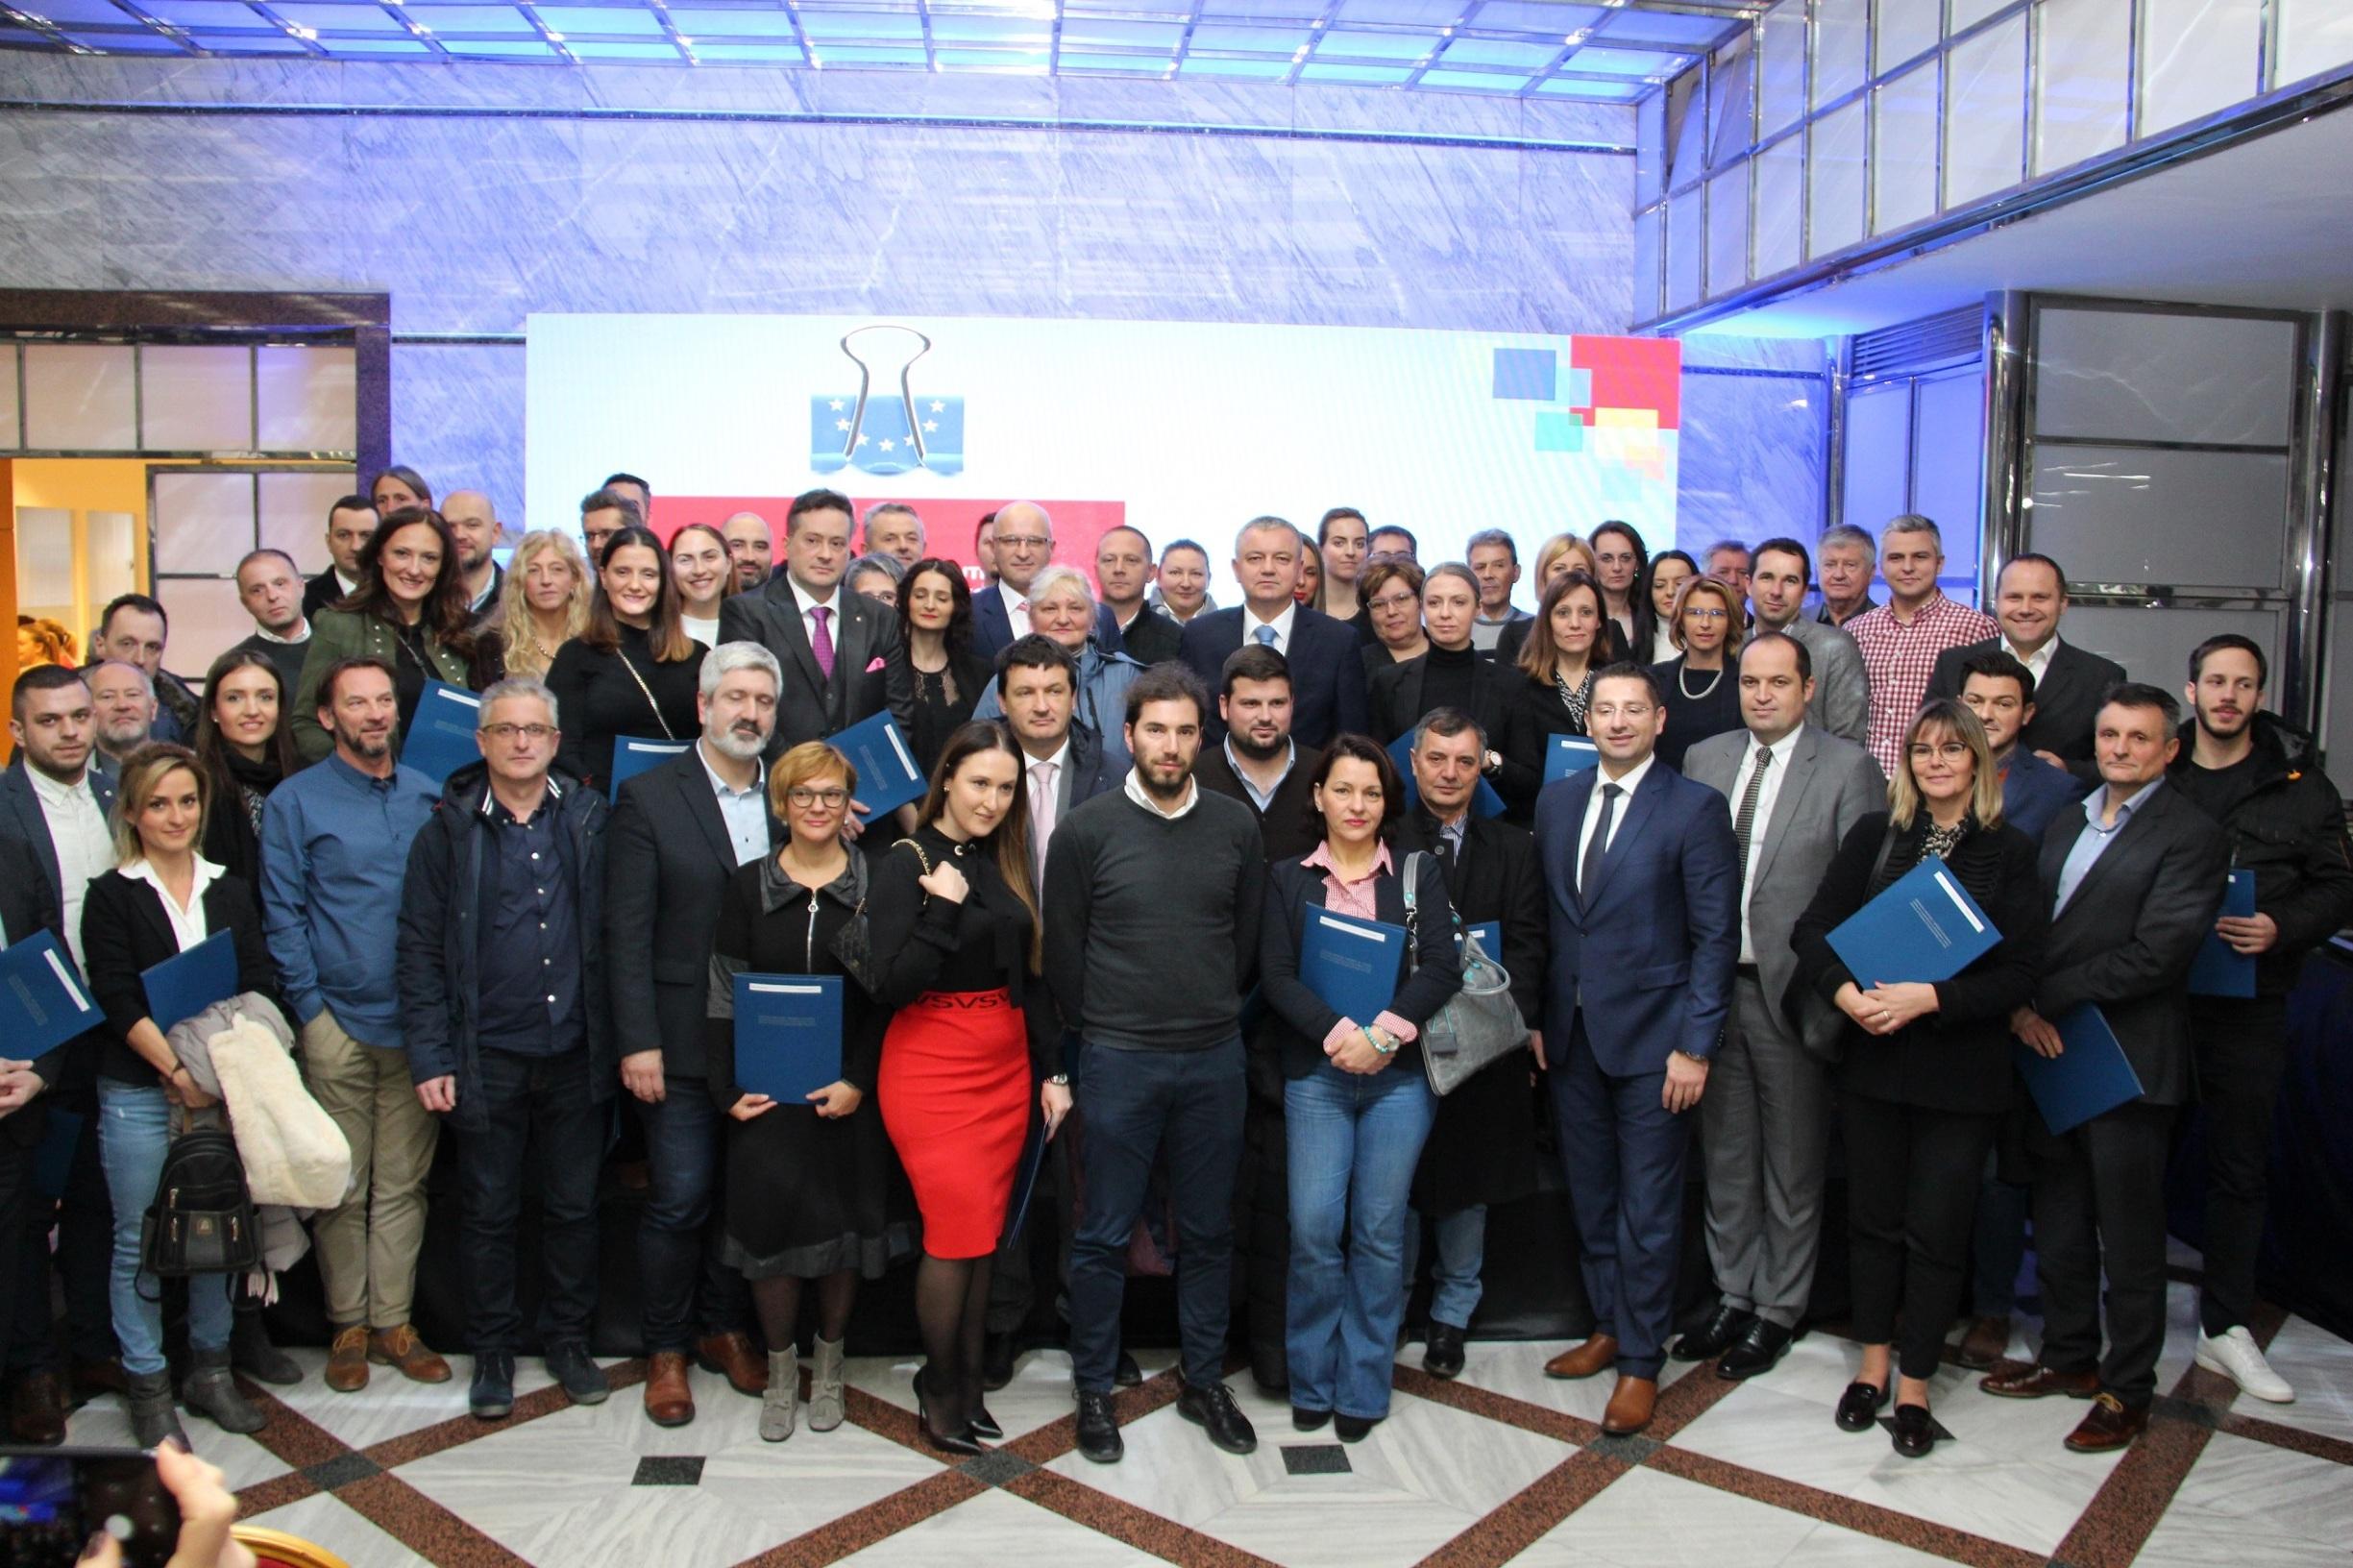 Ministar Darko Horvat dodijelio je tvrtkama 54 milijuna kuna za nove tehnologije i inovacije